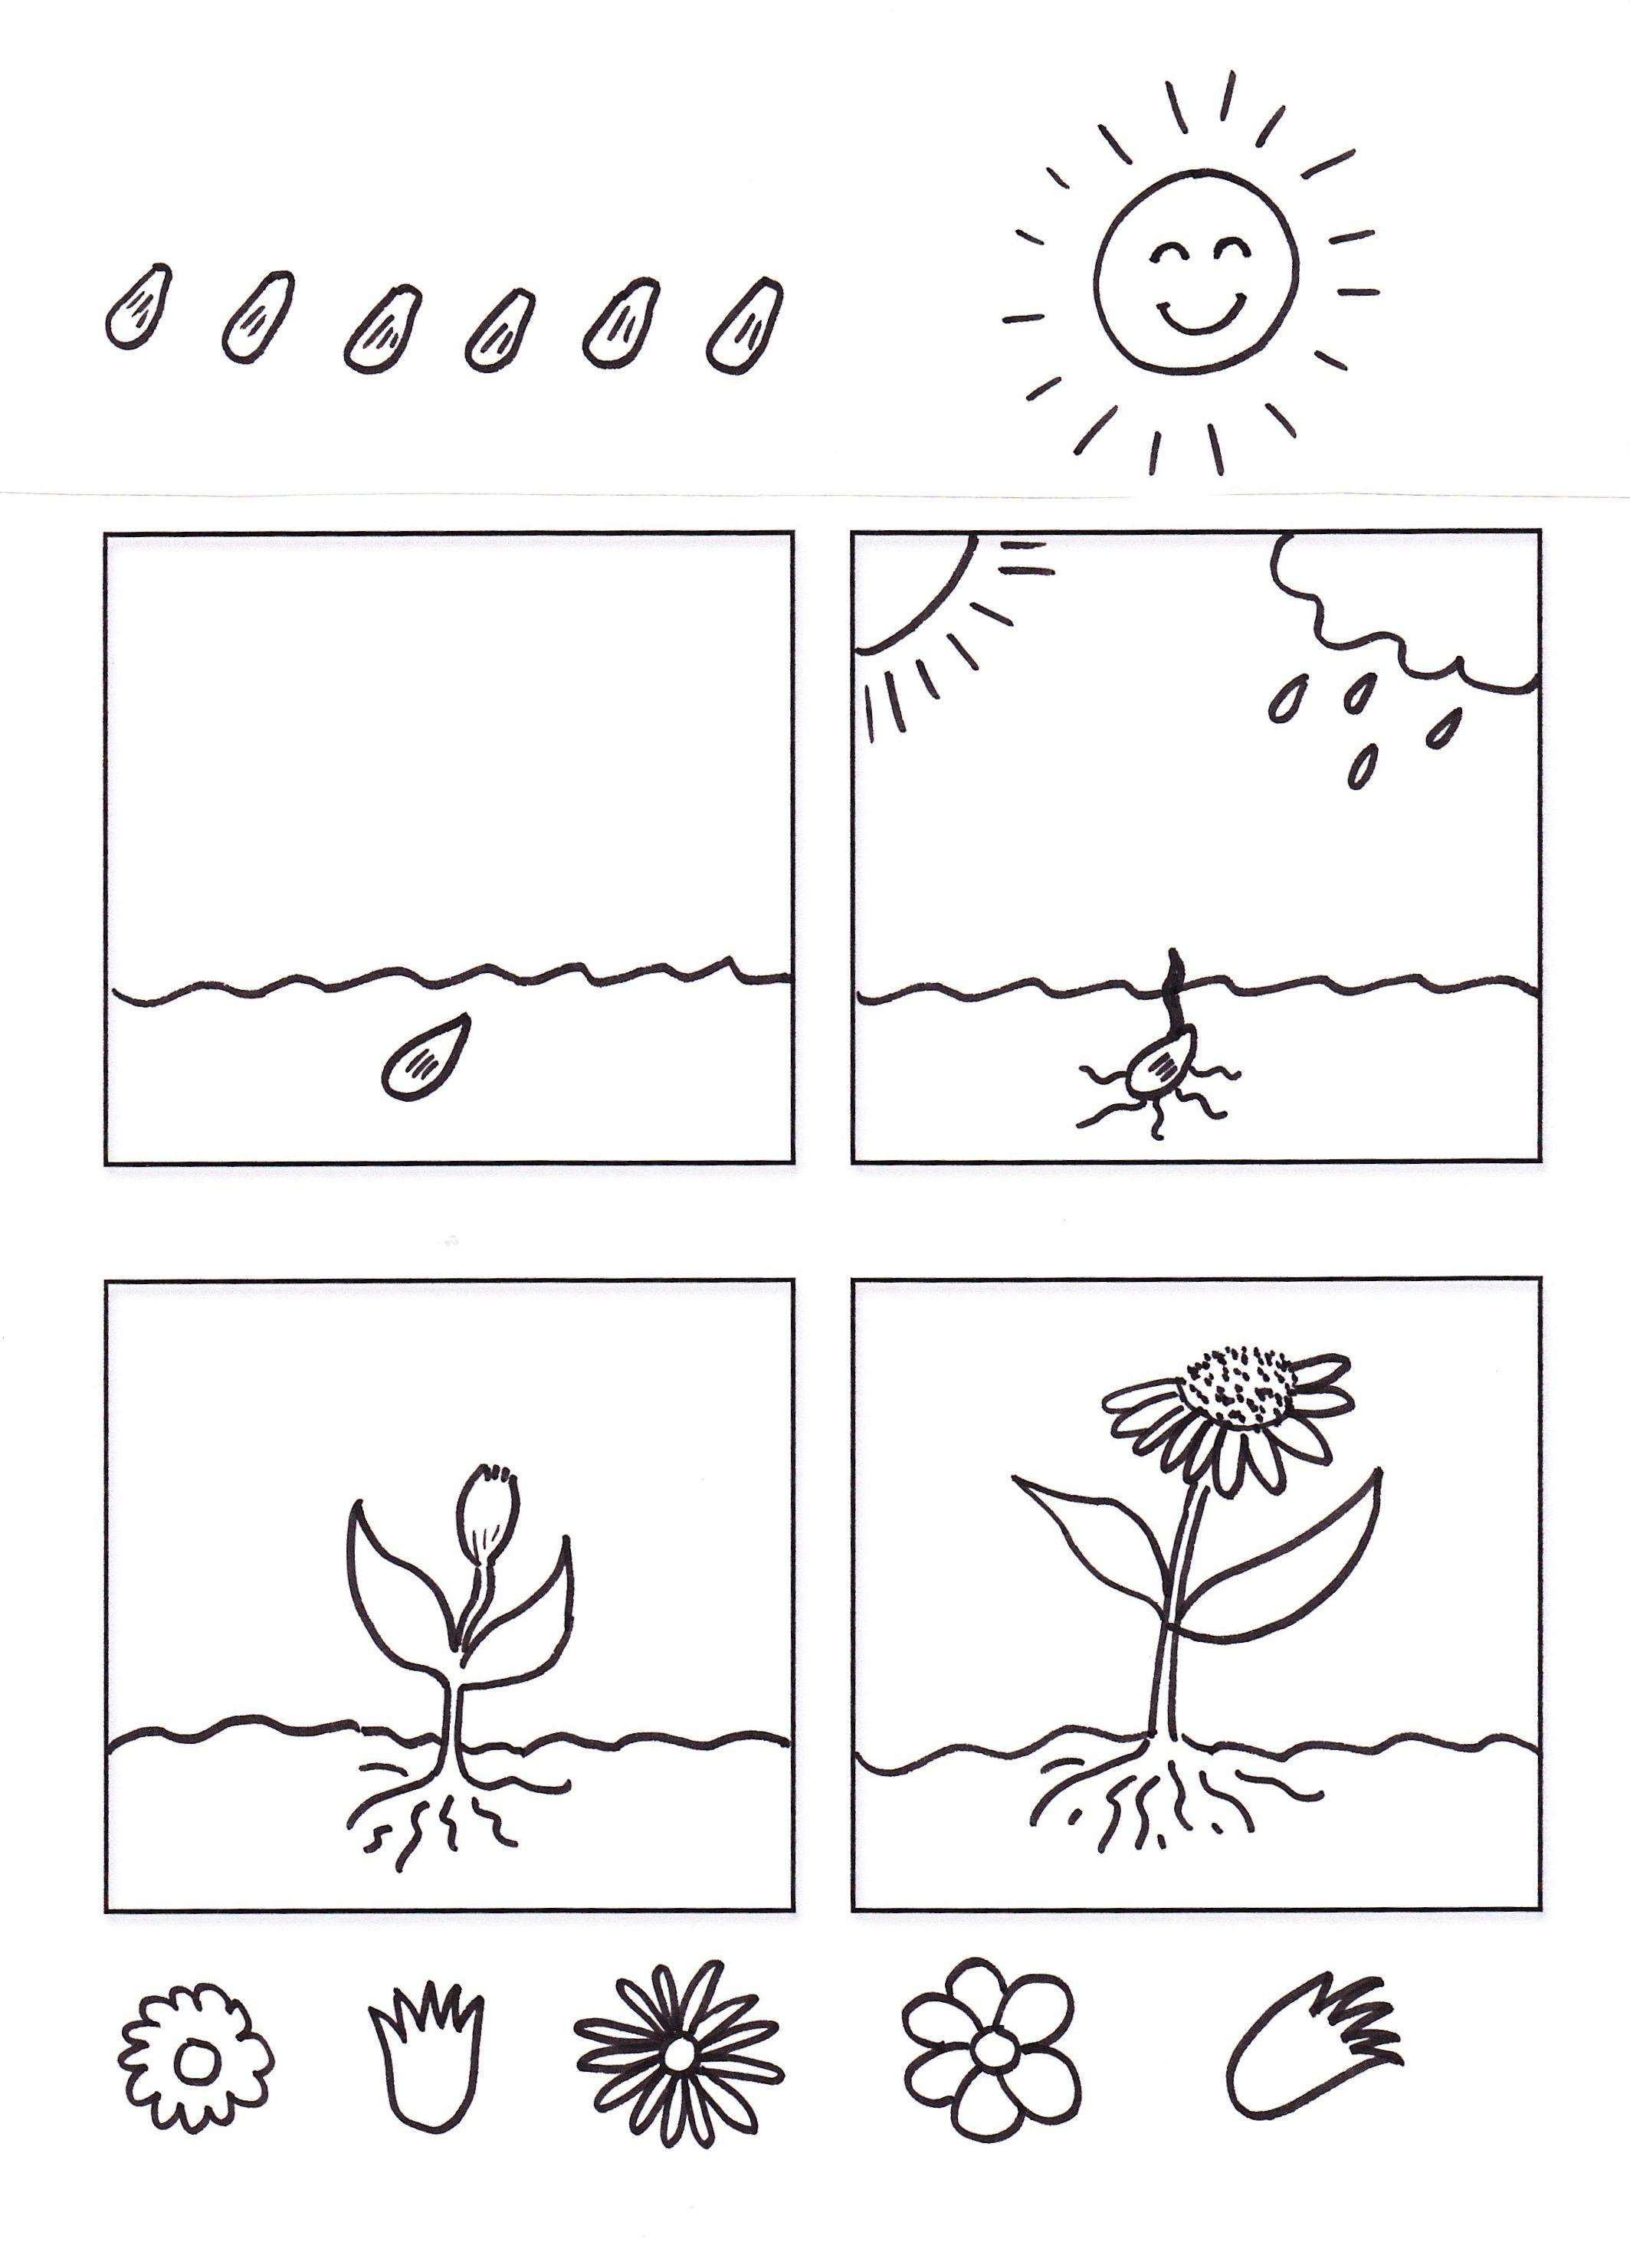 de las plantas para colorear y pintar. Imprimir dibujos del ciclo